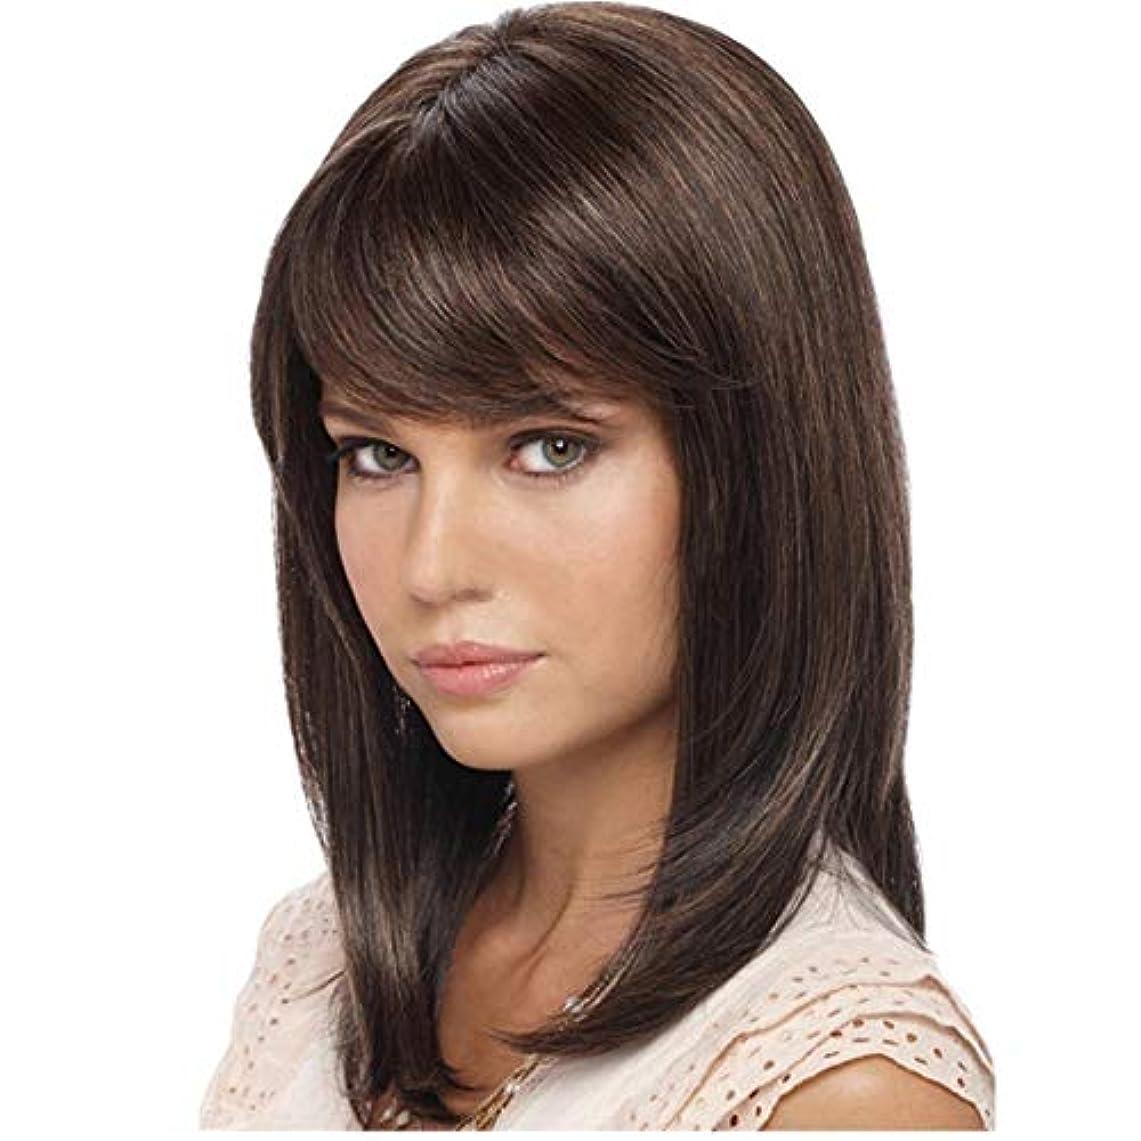 個人的な違法キャベツ女性の短い巻き毛のかつら16